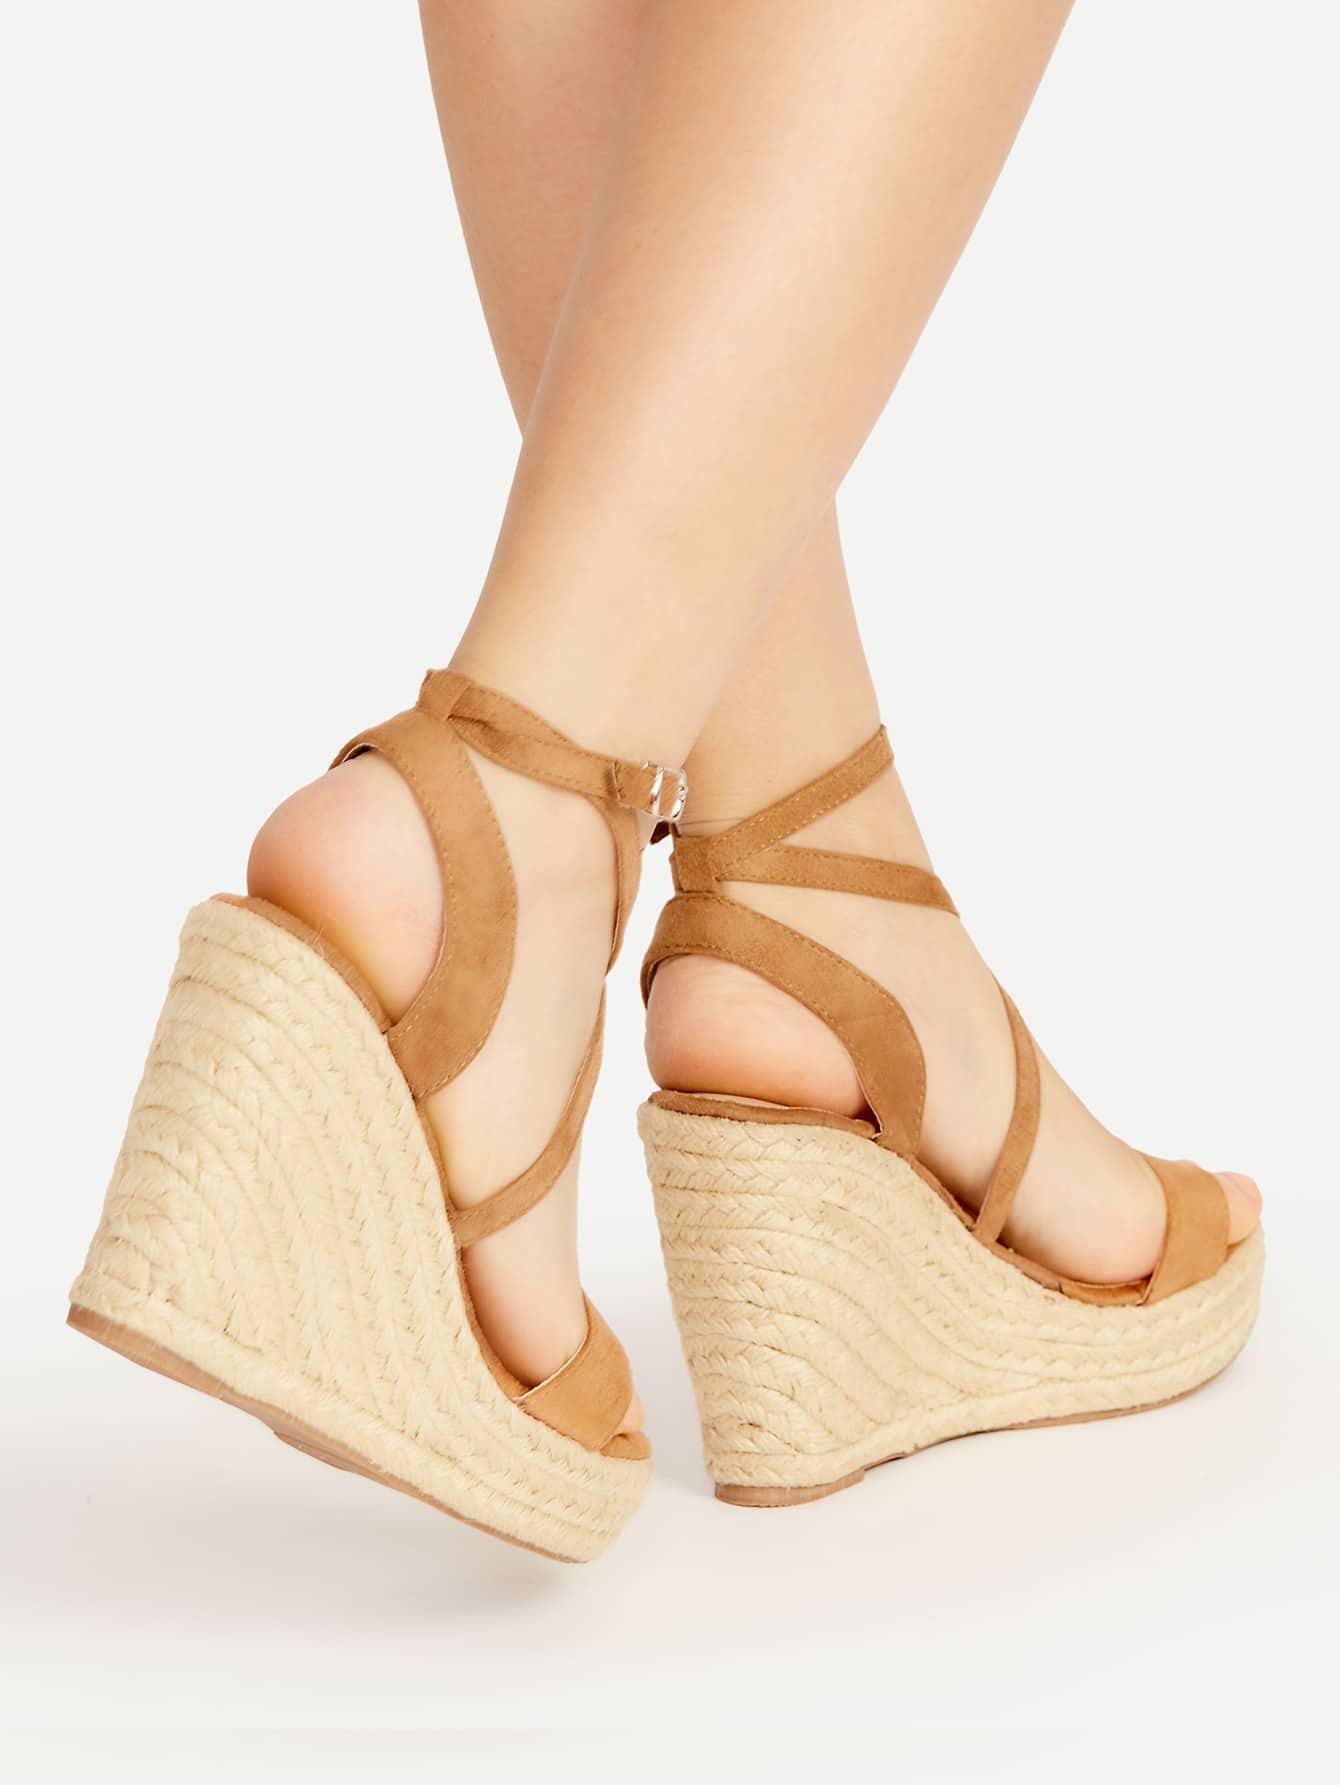 shoes170327811_2